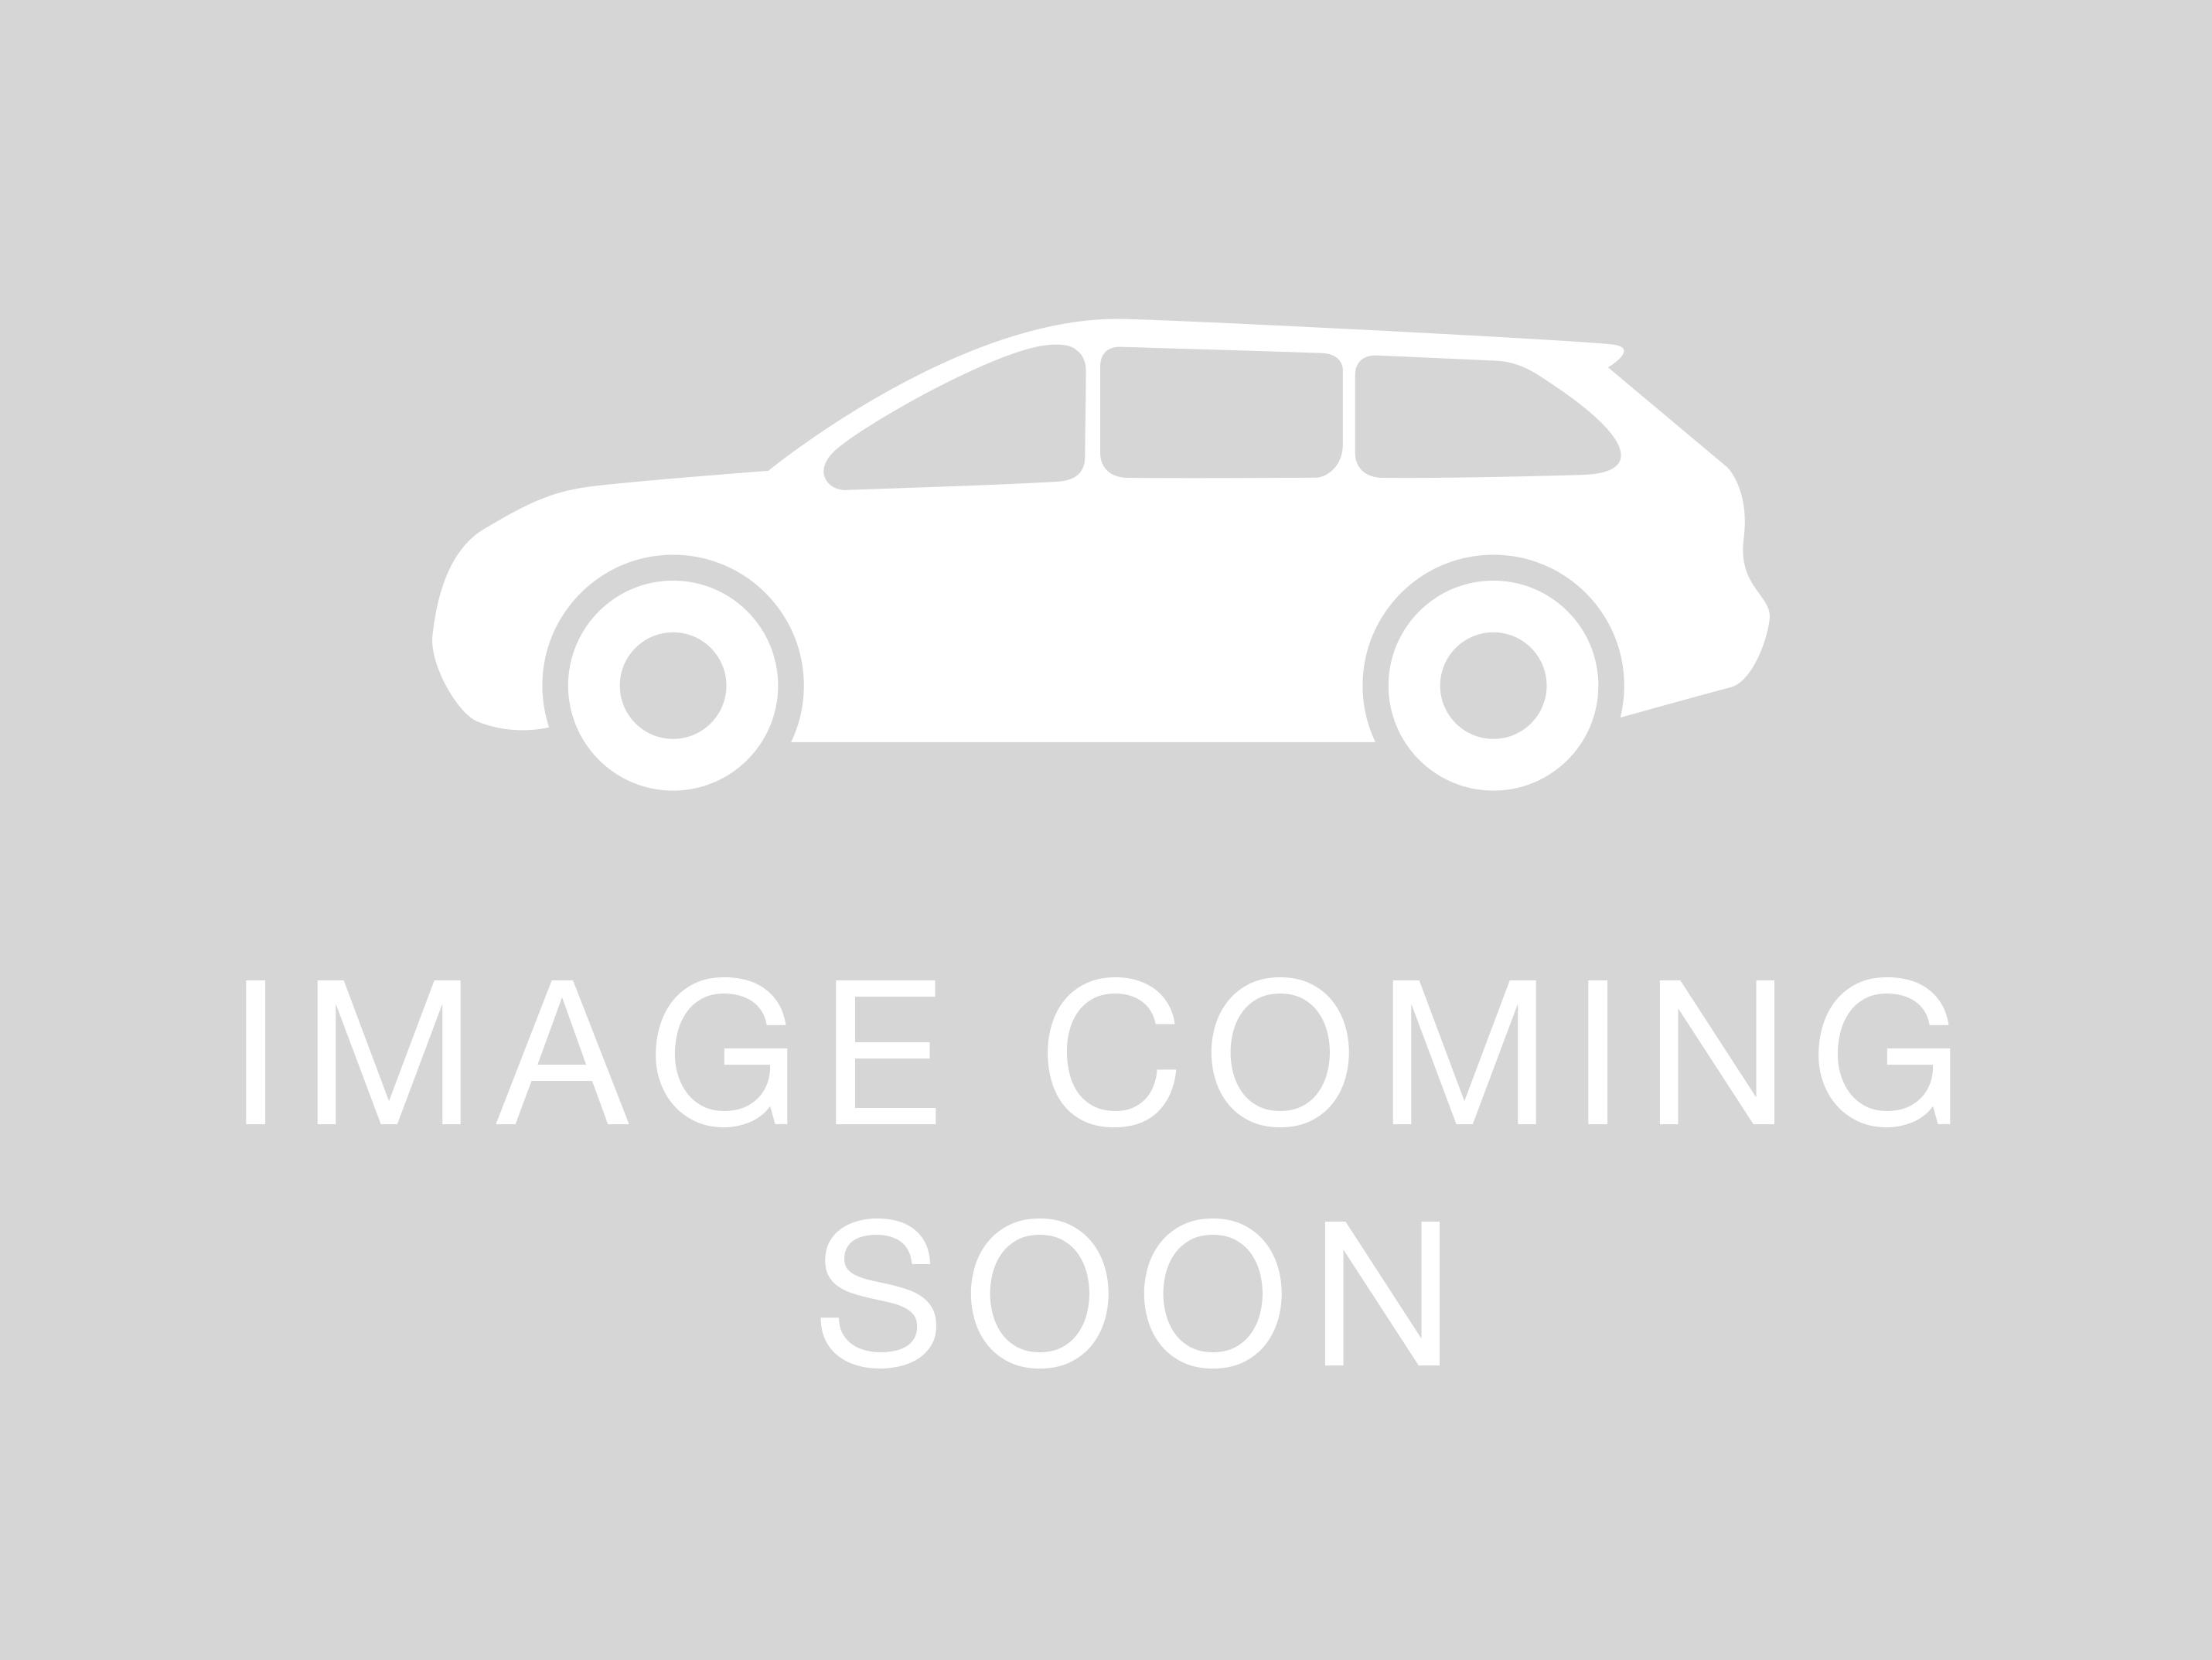 Used Hyundai 2019 Santa Fe Tm 2 2d Elite 7s